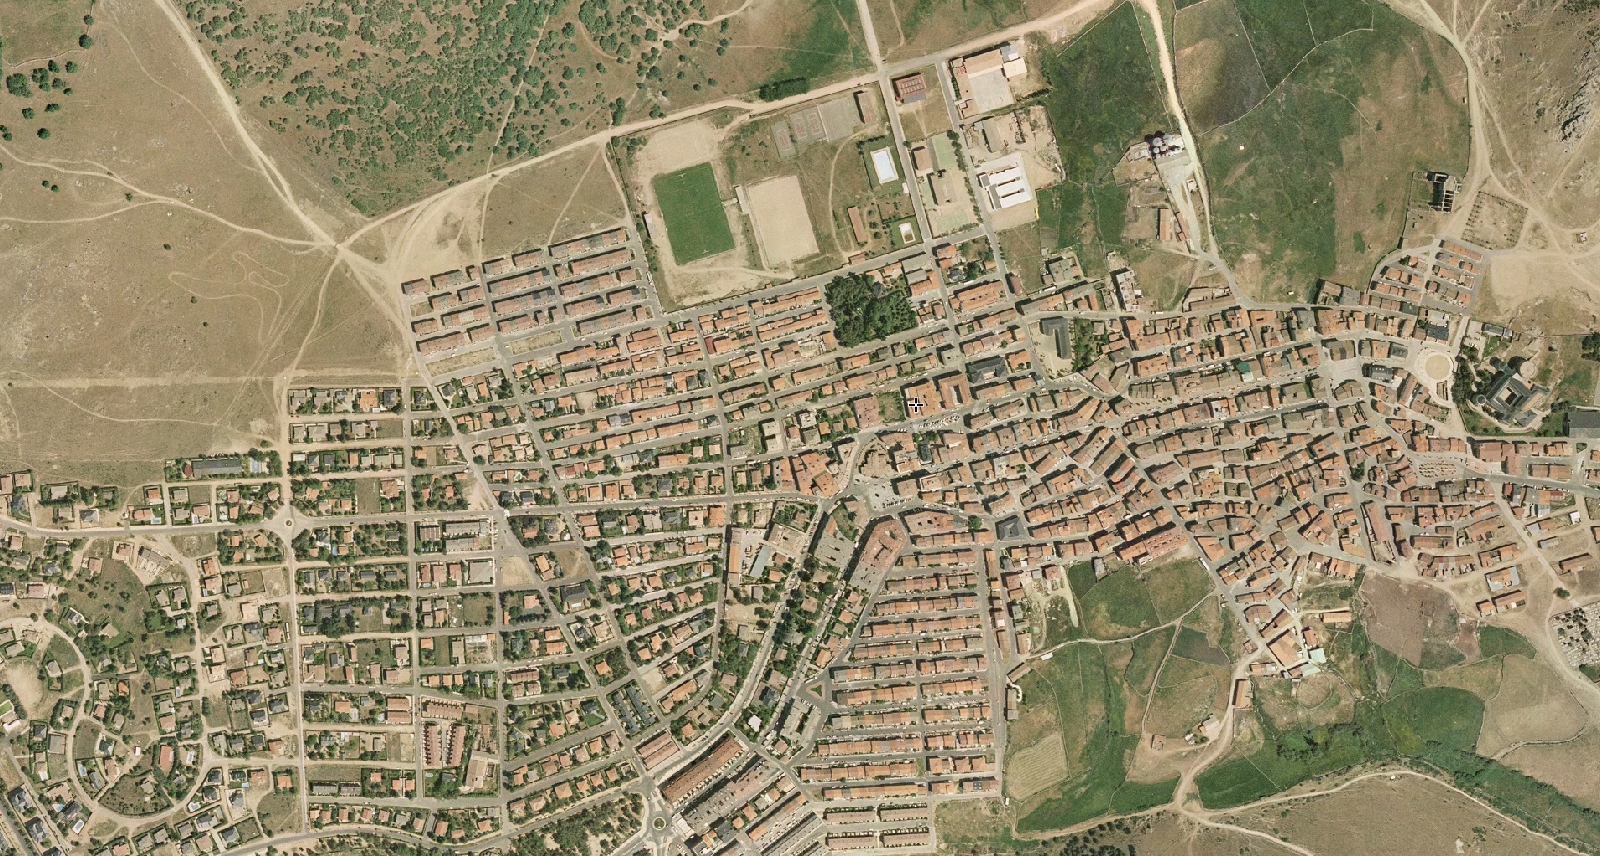 las navas del marqués, ávila, donde chencho, antes, urbanismo, planeamiento, urbano, desastre, urbanístico, construcción